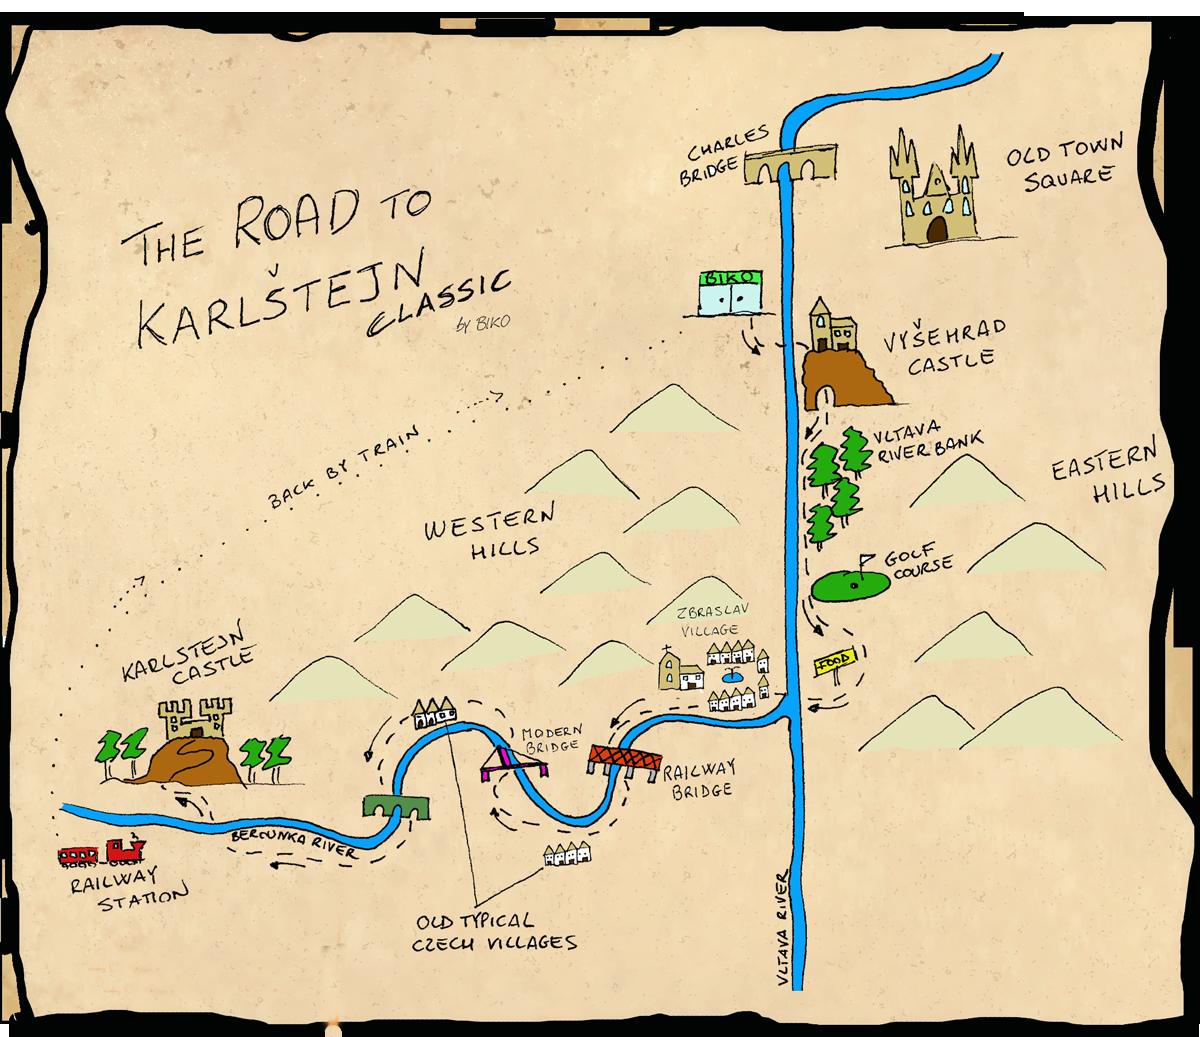 Karlstejn castle easy bike tour map